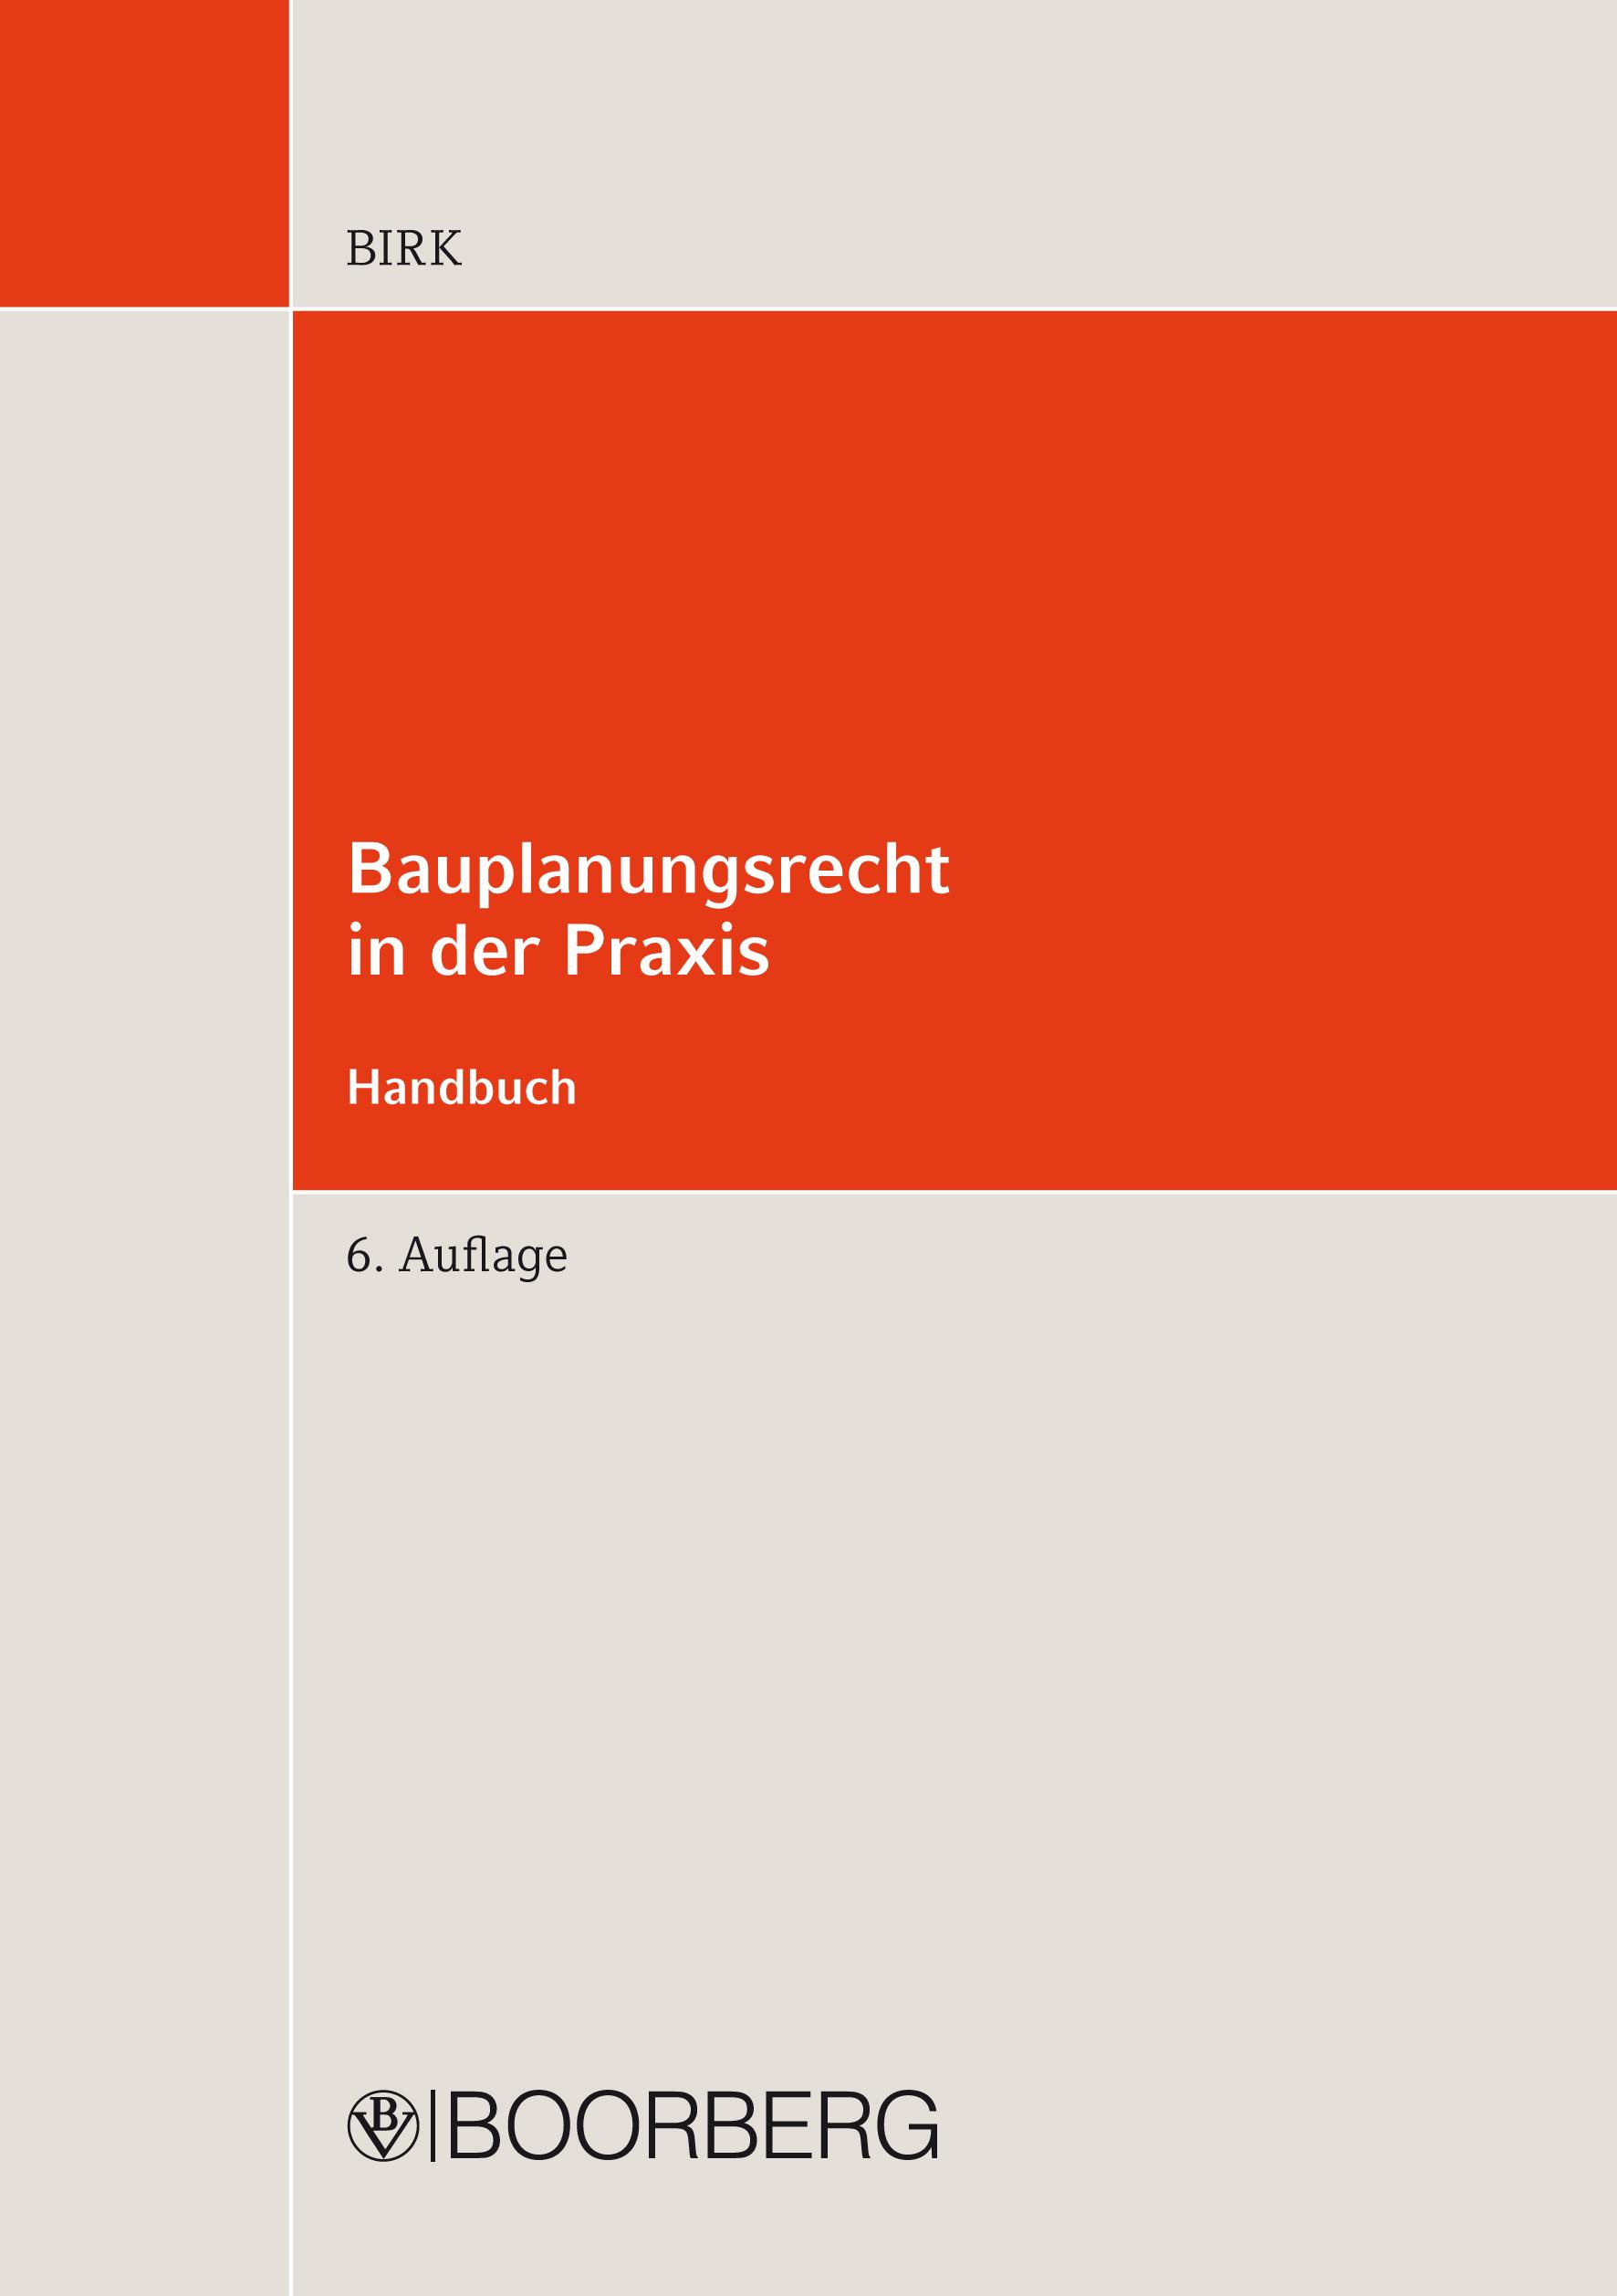 Hans-Jorg Birk Bauplanungsrecht in der Praxis - Handbuch dietz handbuch der pferdekrankheiten fur wissenschaft und praxis